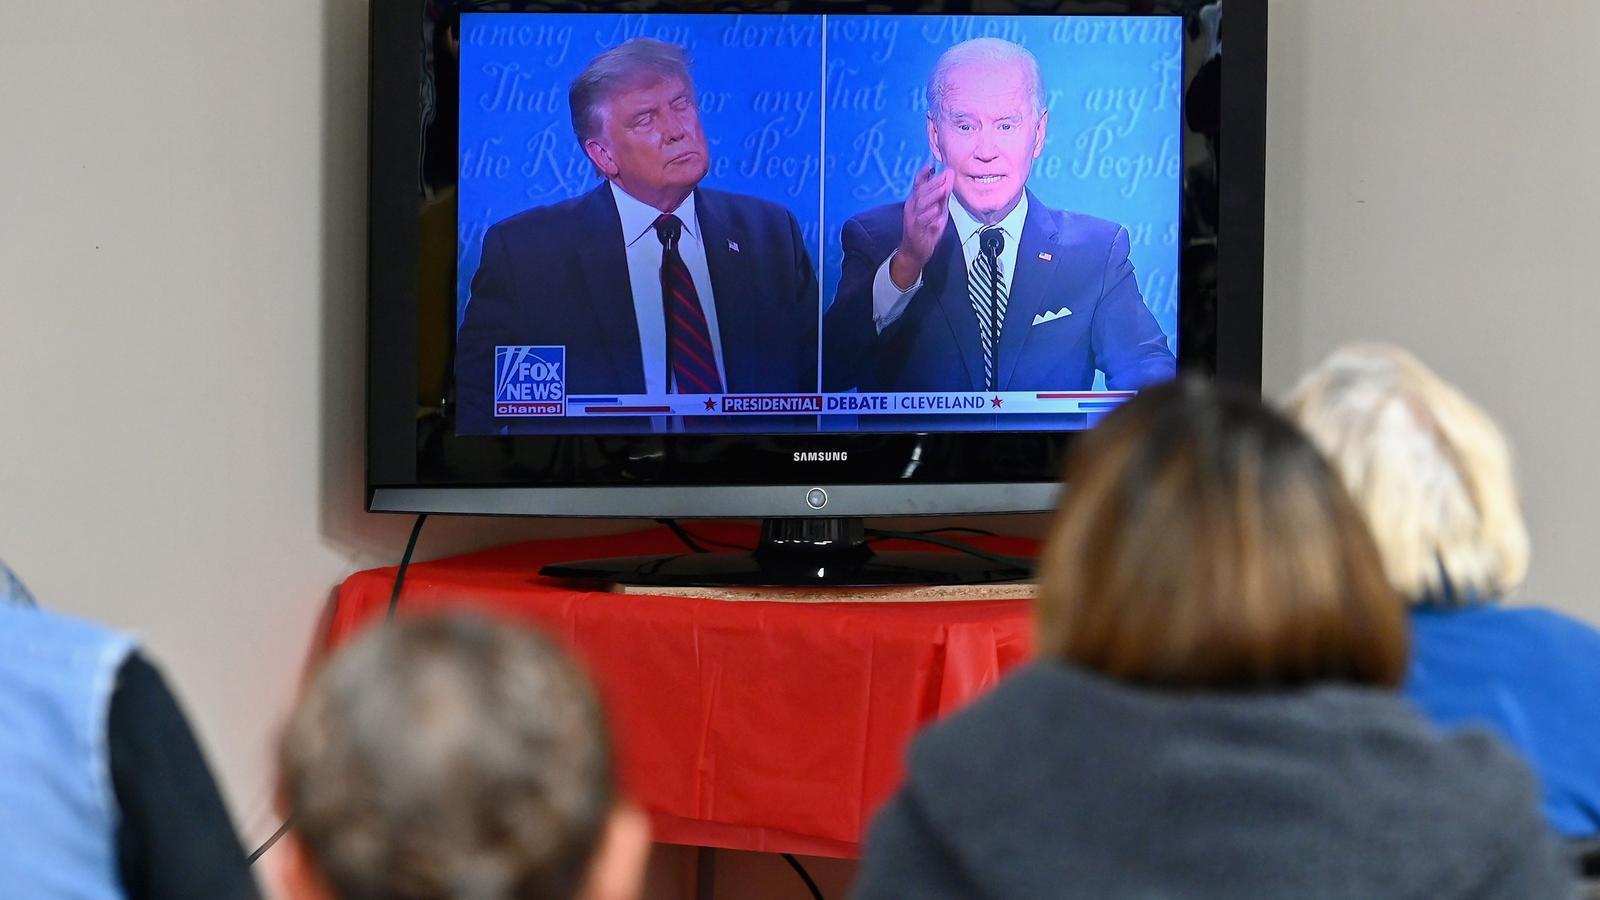 Espectadors seguint el primer debat electoral entre Donald Trump i Joe Biden del 2020.